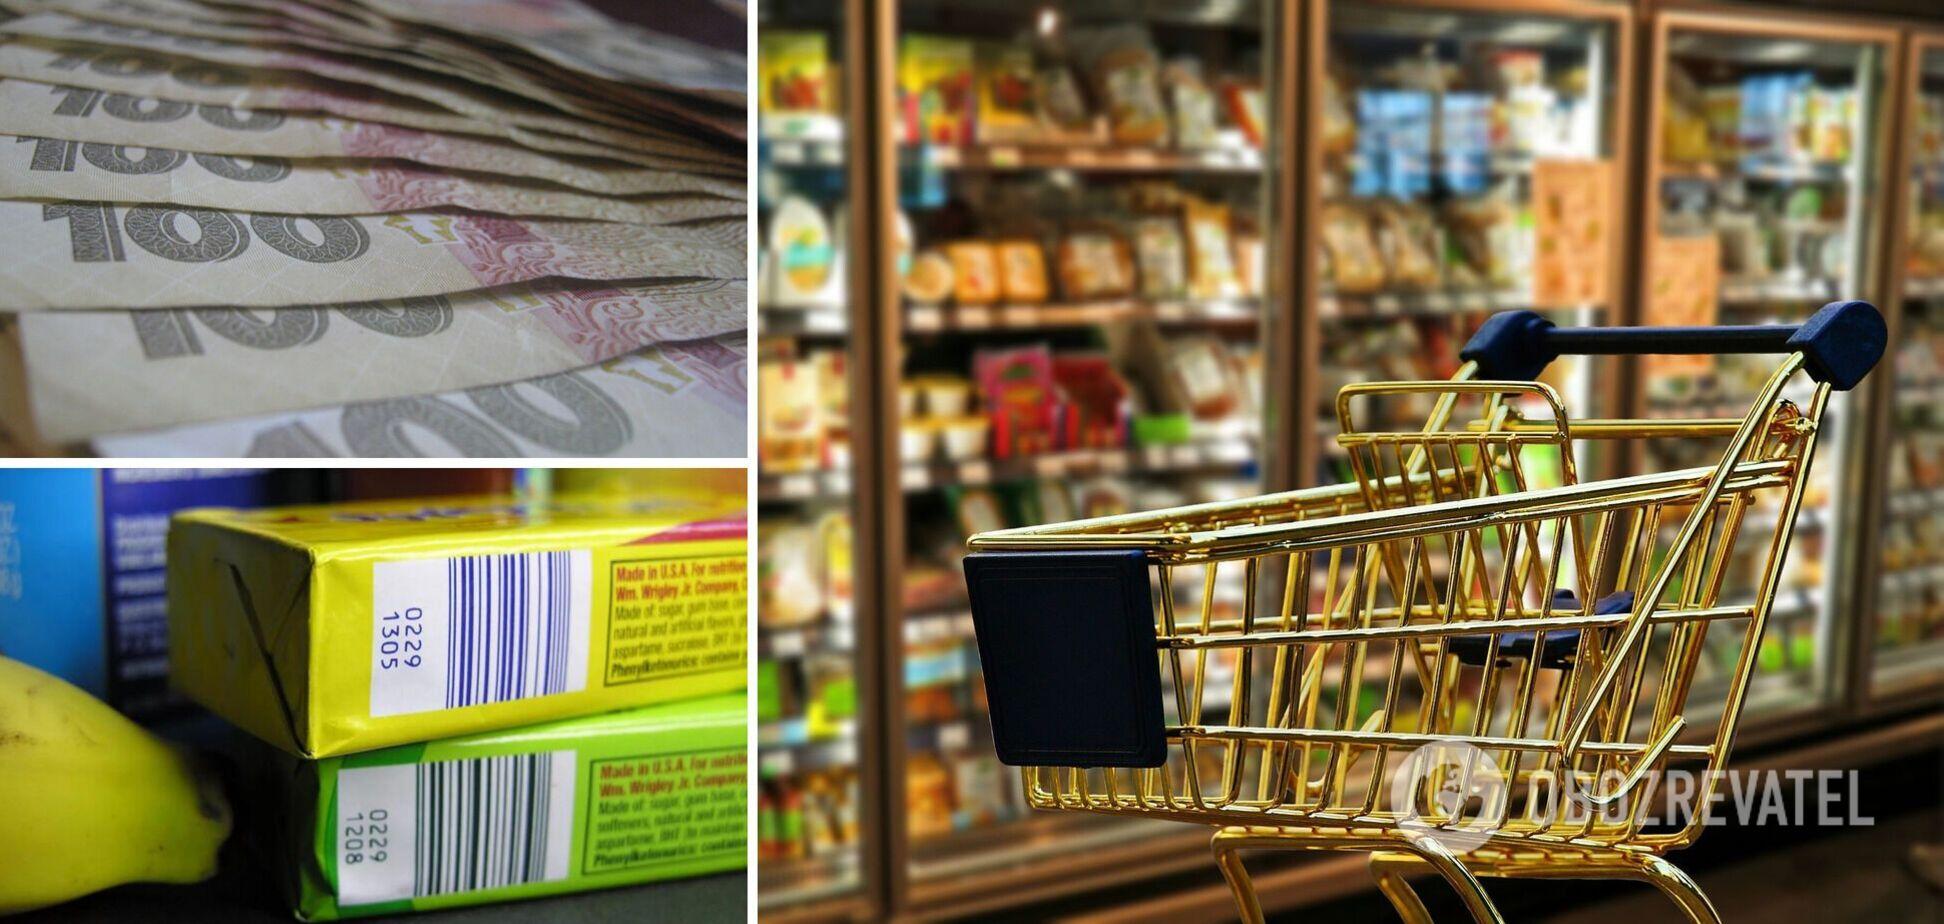 У Чернівцях чоловік переклеював у супермаркеті штрих-коди з дешевих товарів на дорогі